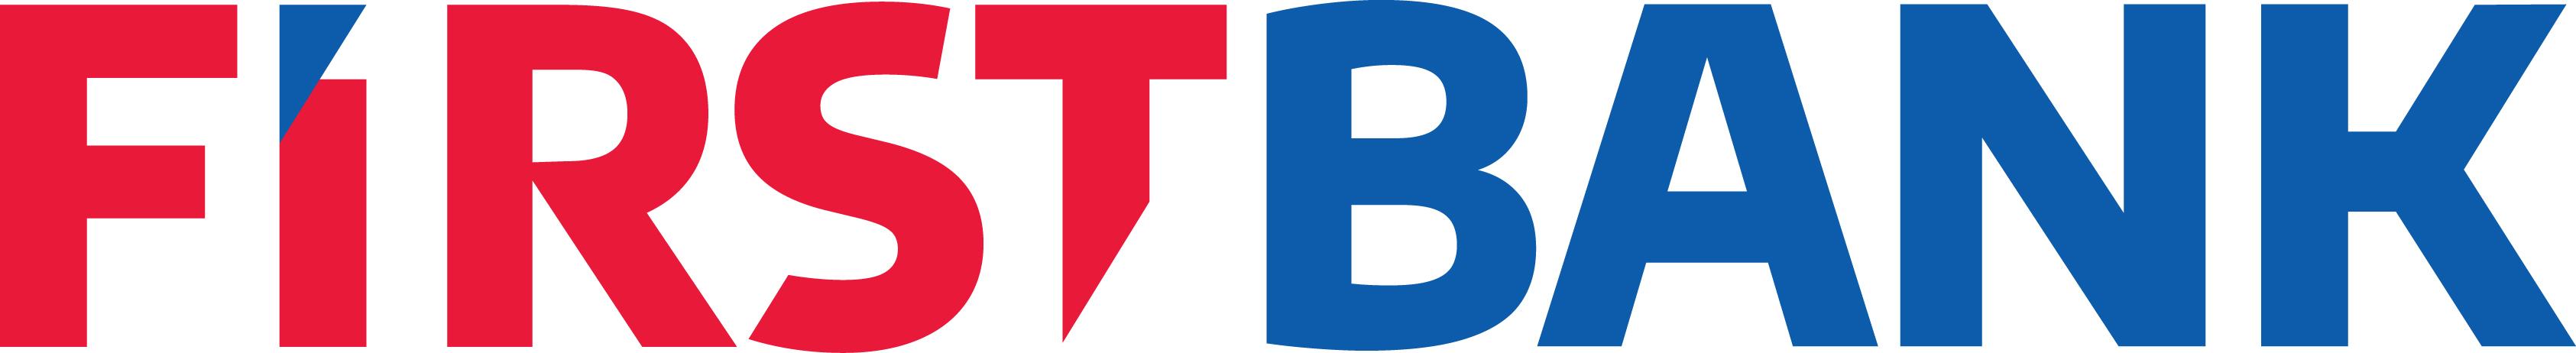 Logo-First-Bank-01_jpeg.jpg#asset:954